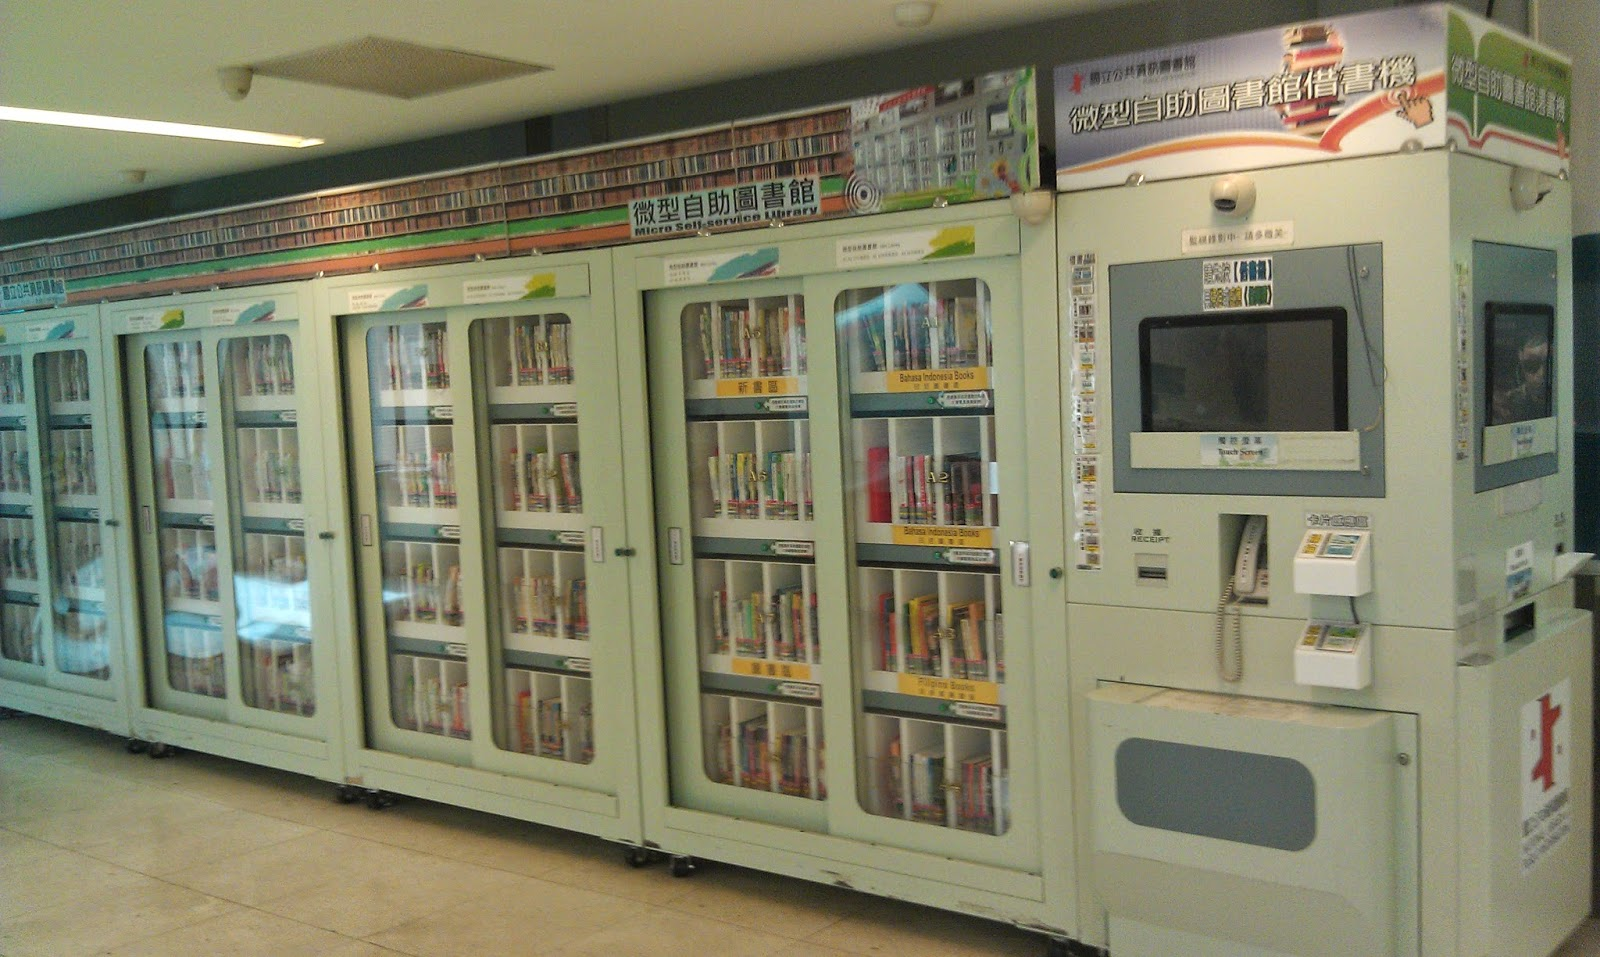 筆記: 6/8 在臺中榮總遇見微型自助圖書館借書機